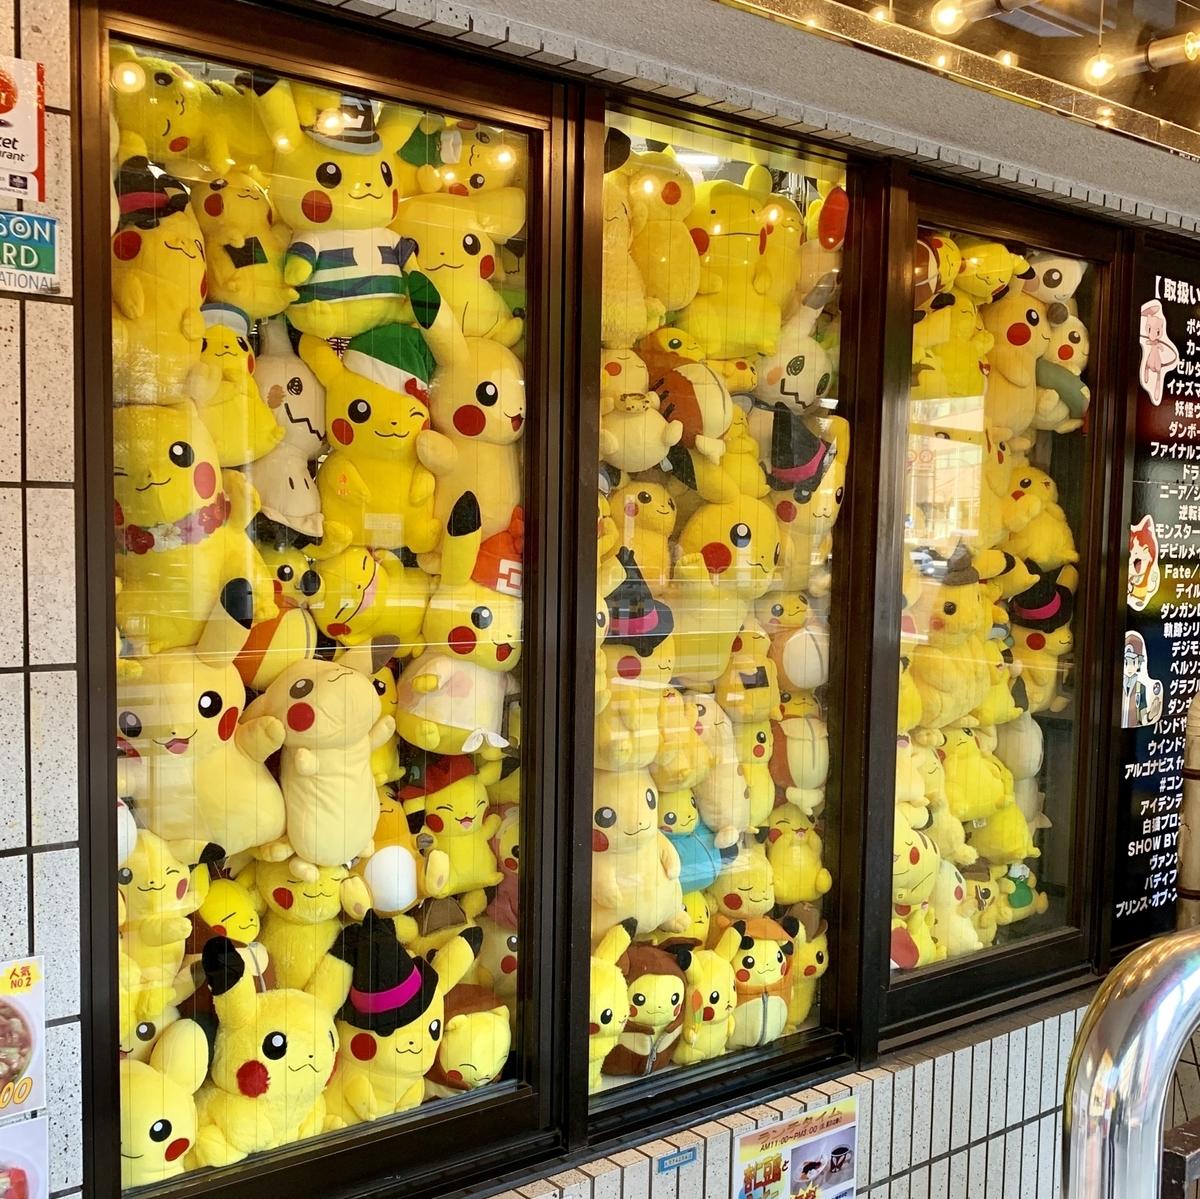 f:id:pikachu_pcn:20200120120232j:plain